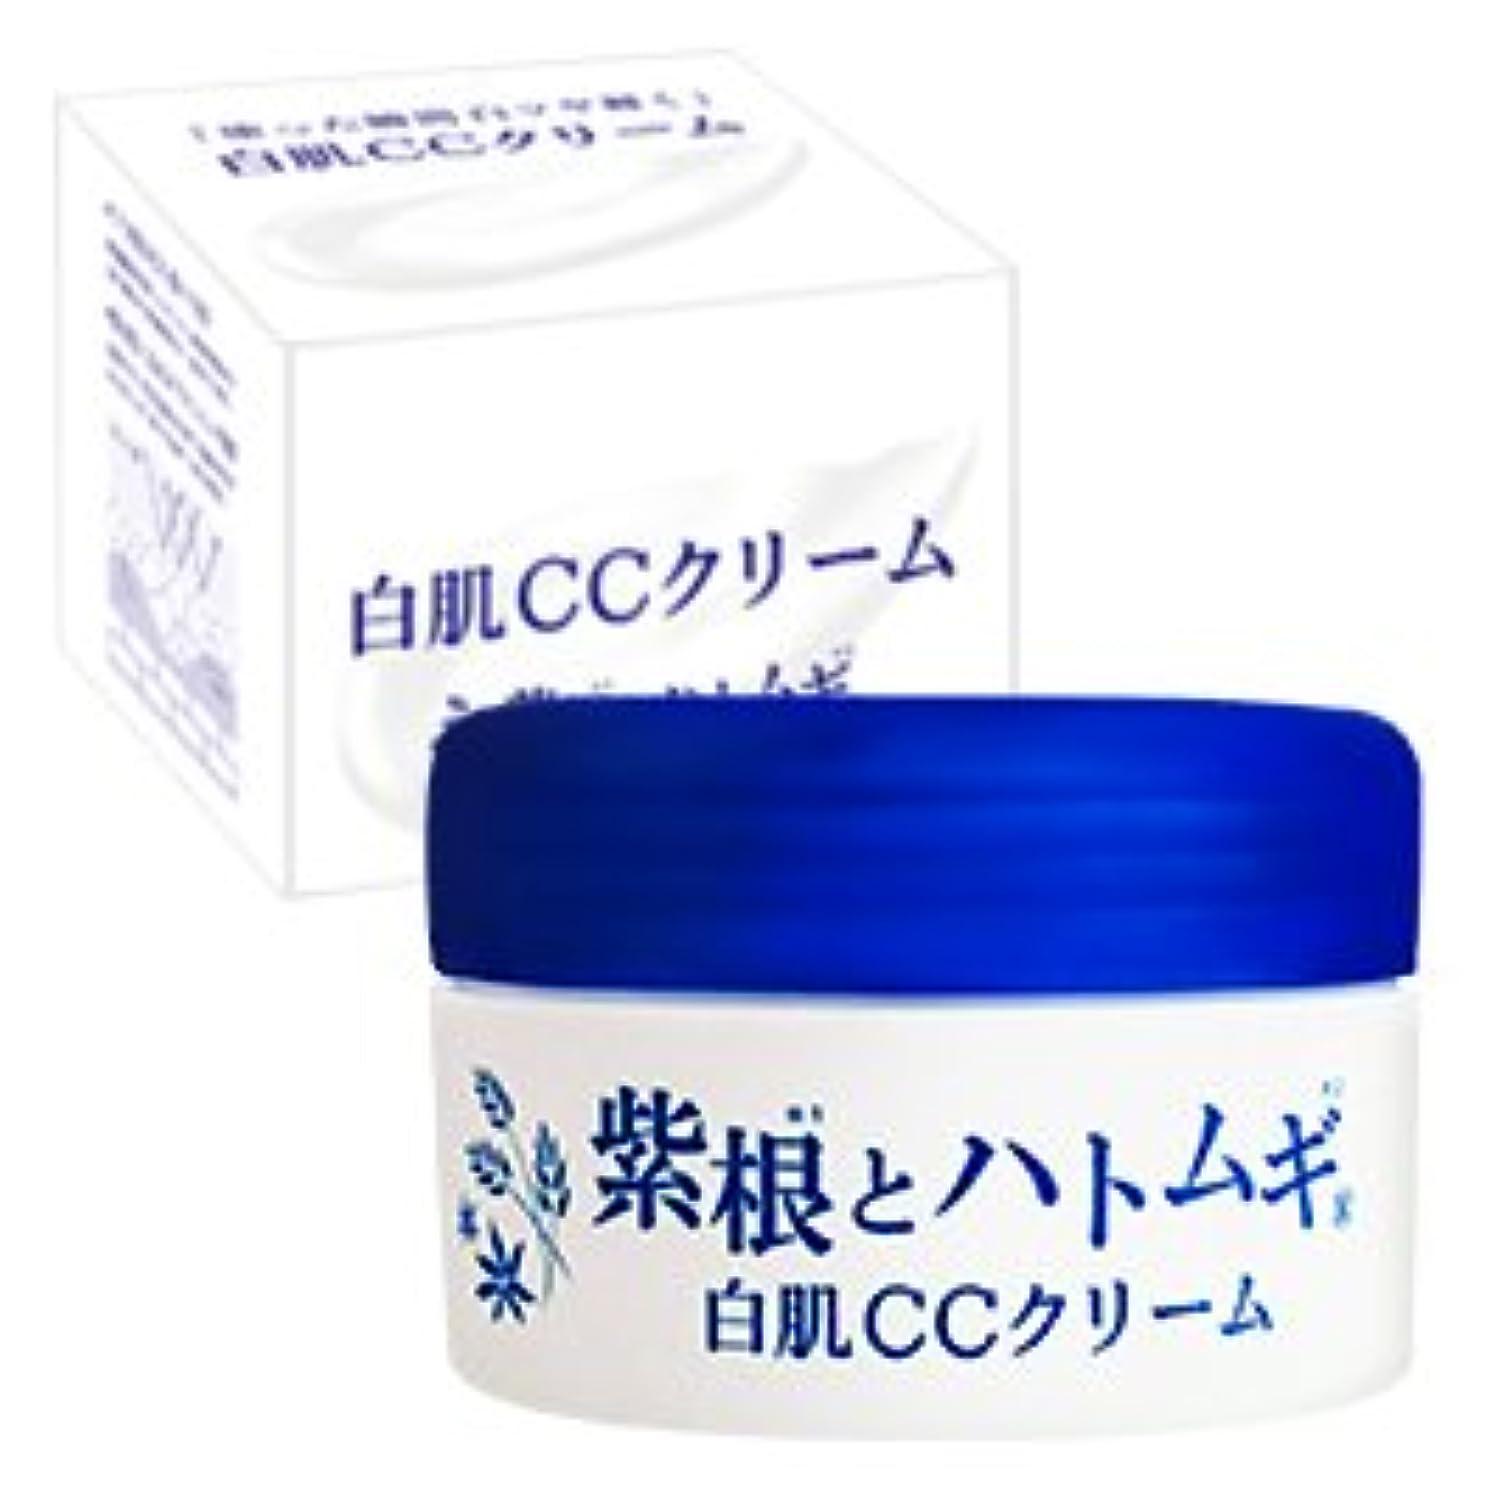 ケイ素ウイルス褒賞紫根とハトムギ 白肌CCクリーム 100g